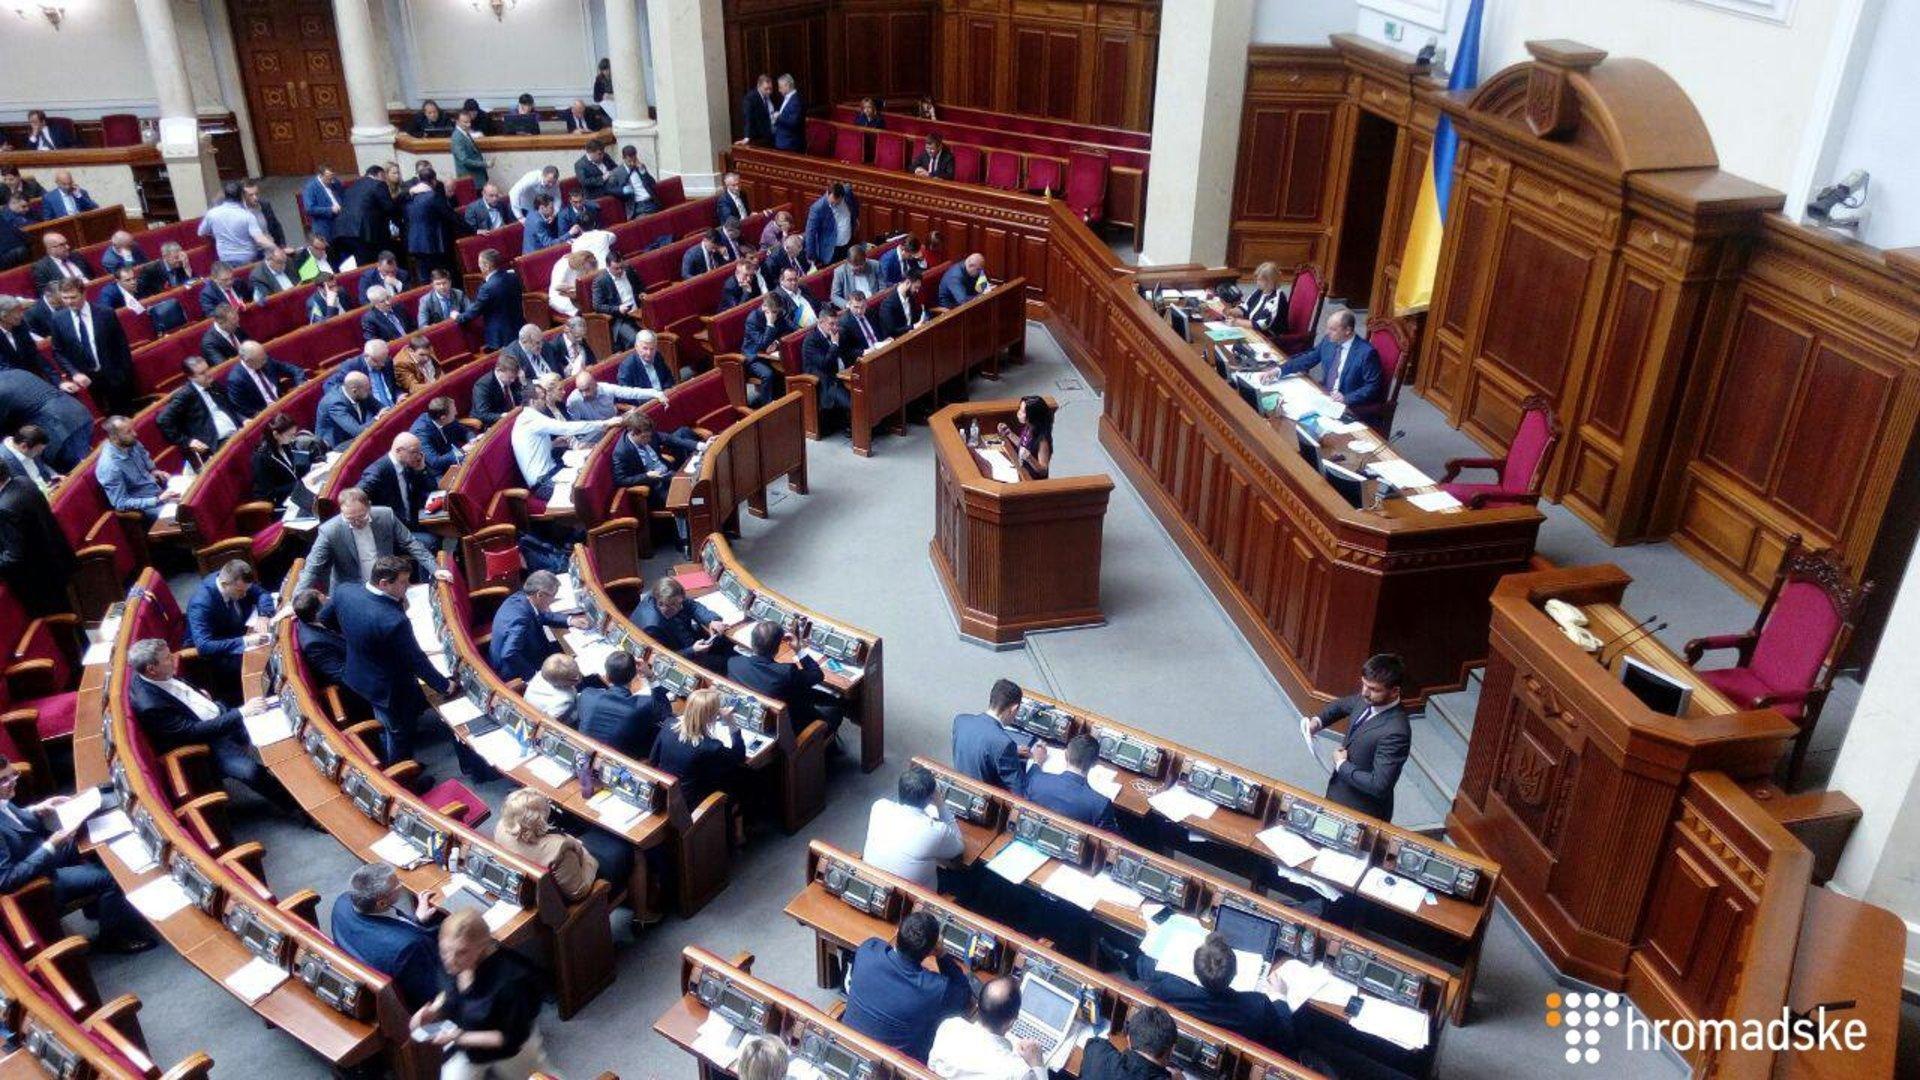 Украина, Политика, Законопроект, Зеленский, Верховная Рада, БПП, Ляшко, Тимошенко.